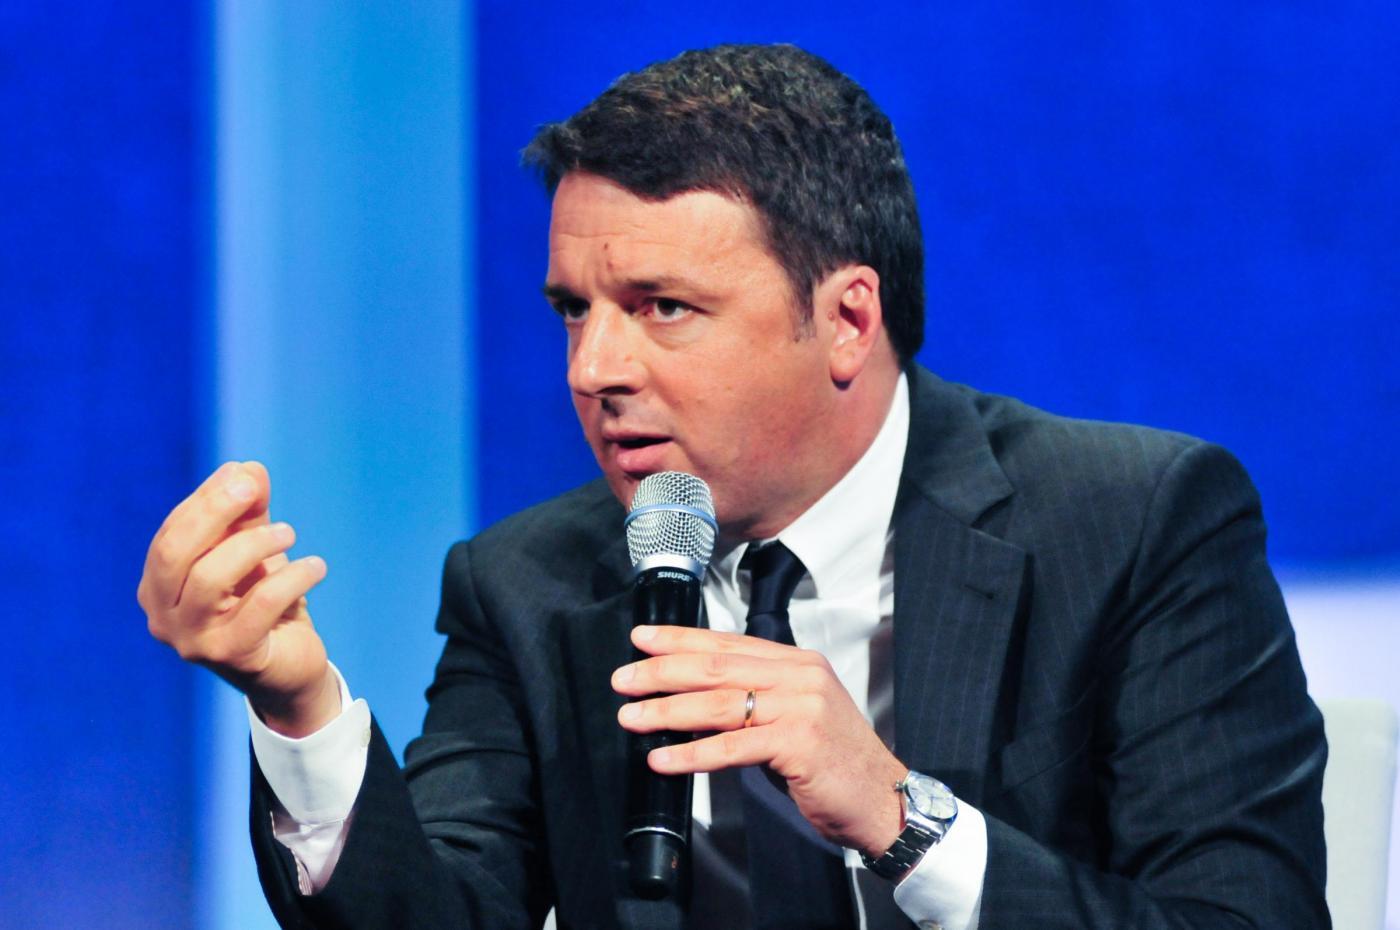 Matteo Renzi sui migranti: 'Se l'Europa continua così, l'Italia farà da sola'